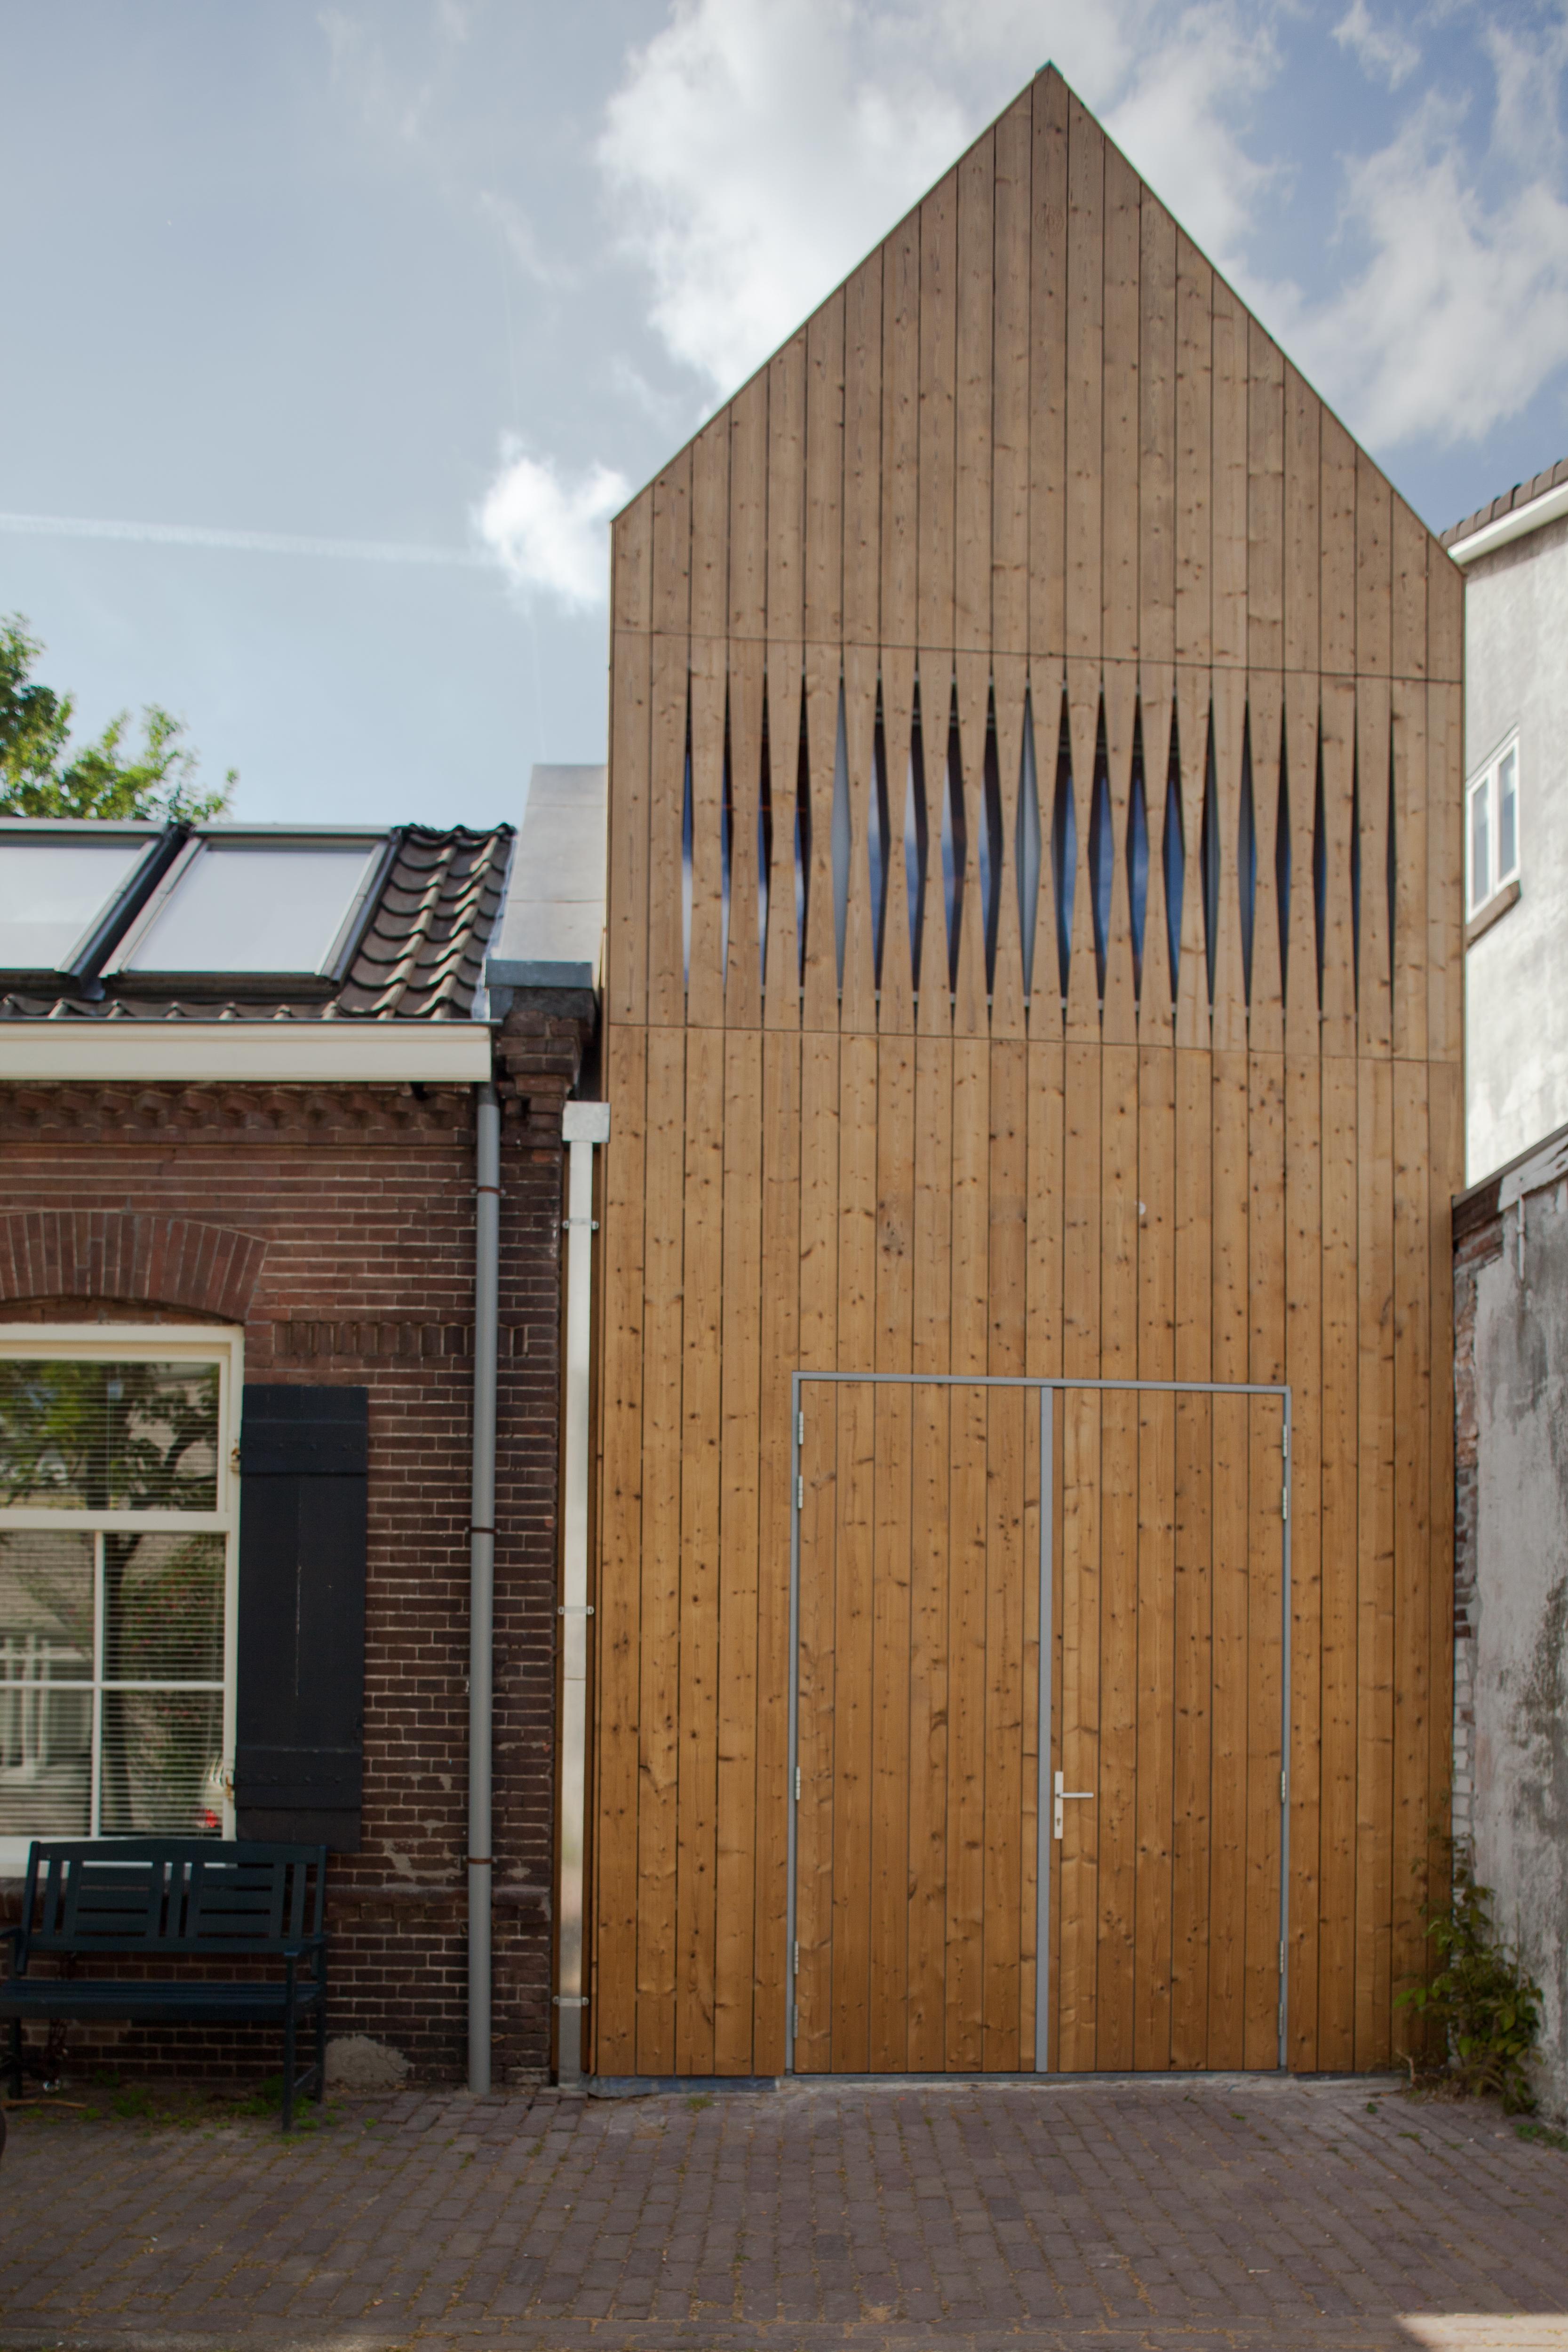 Houten huisje in utrecht de architect - Interieur houten huisje ...